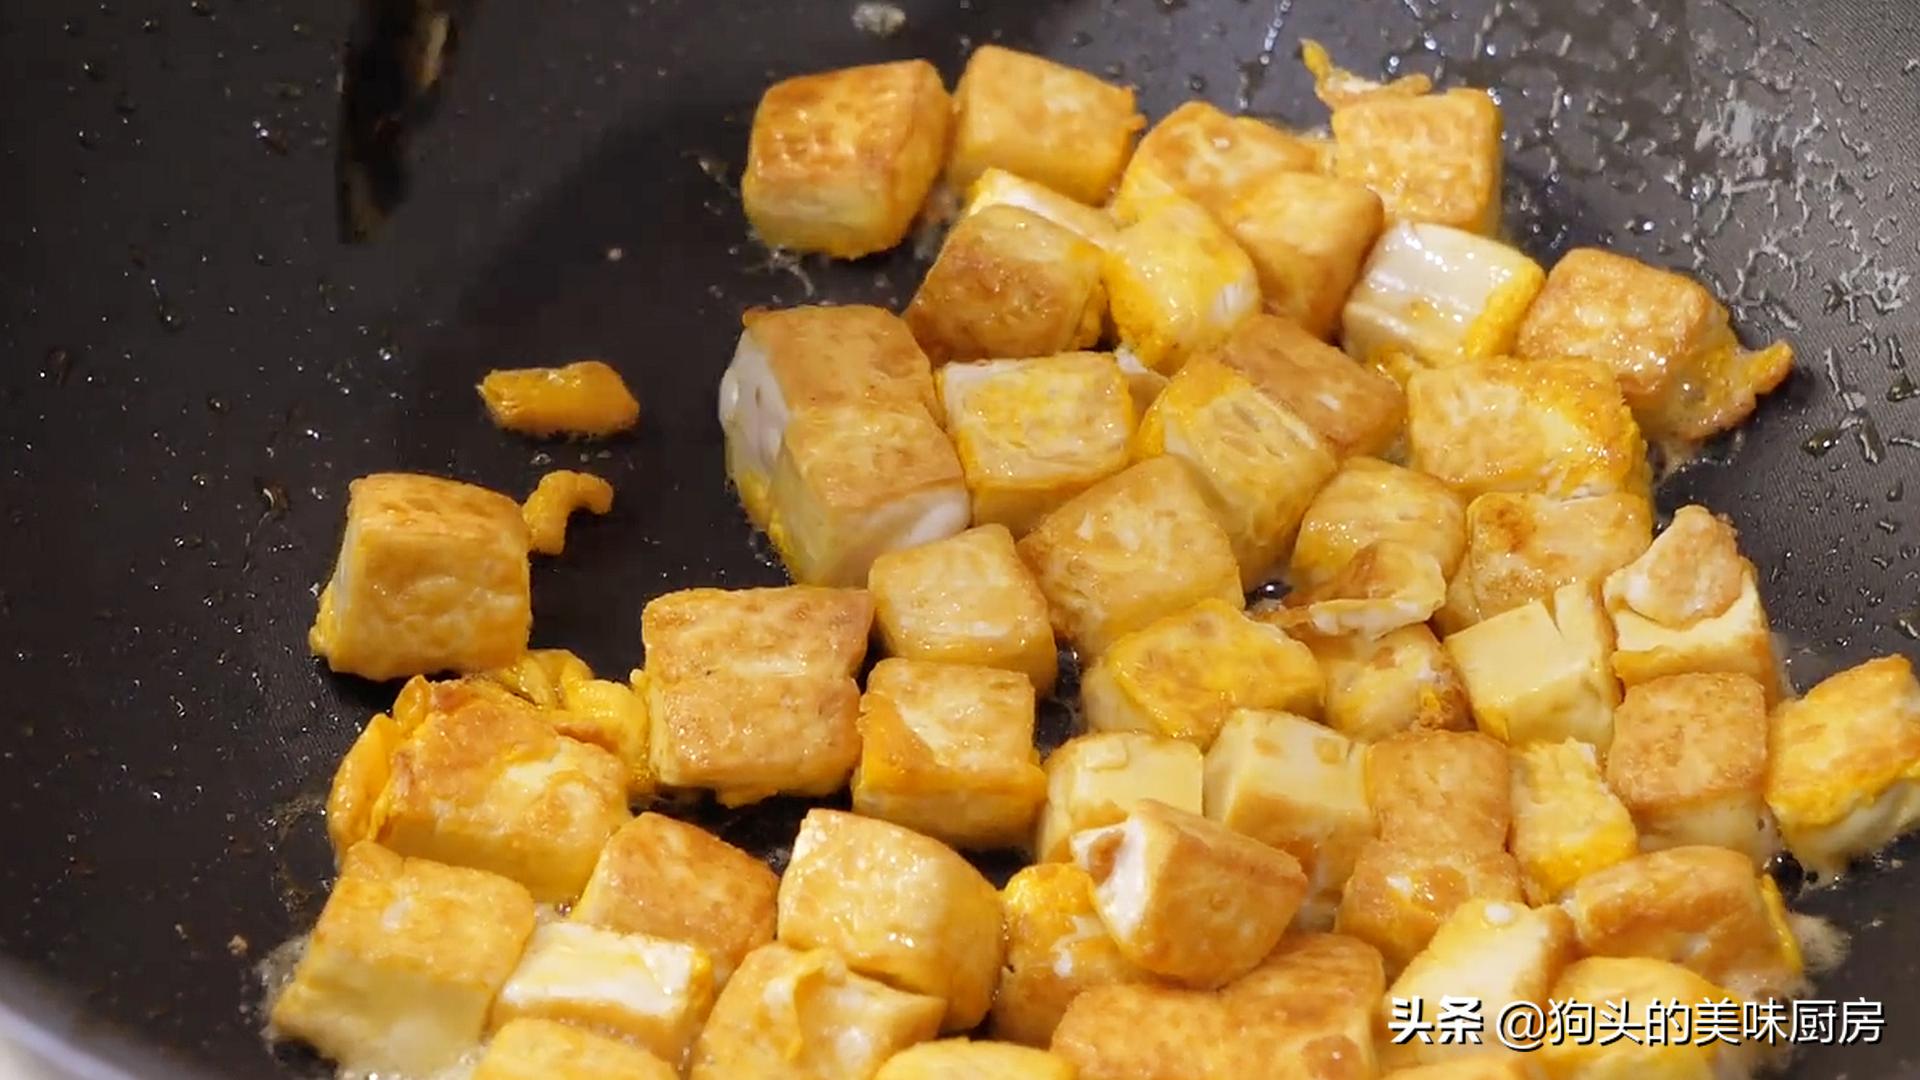 豆腐和它最配,简单易做,味道鲜美,比麻婆豆腐好吃,上桌就光盘 美食做法 第8张